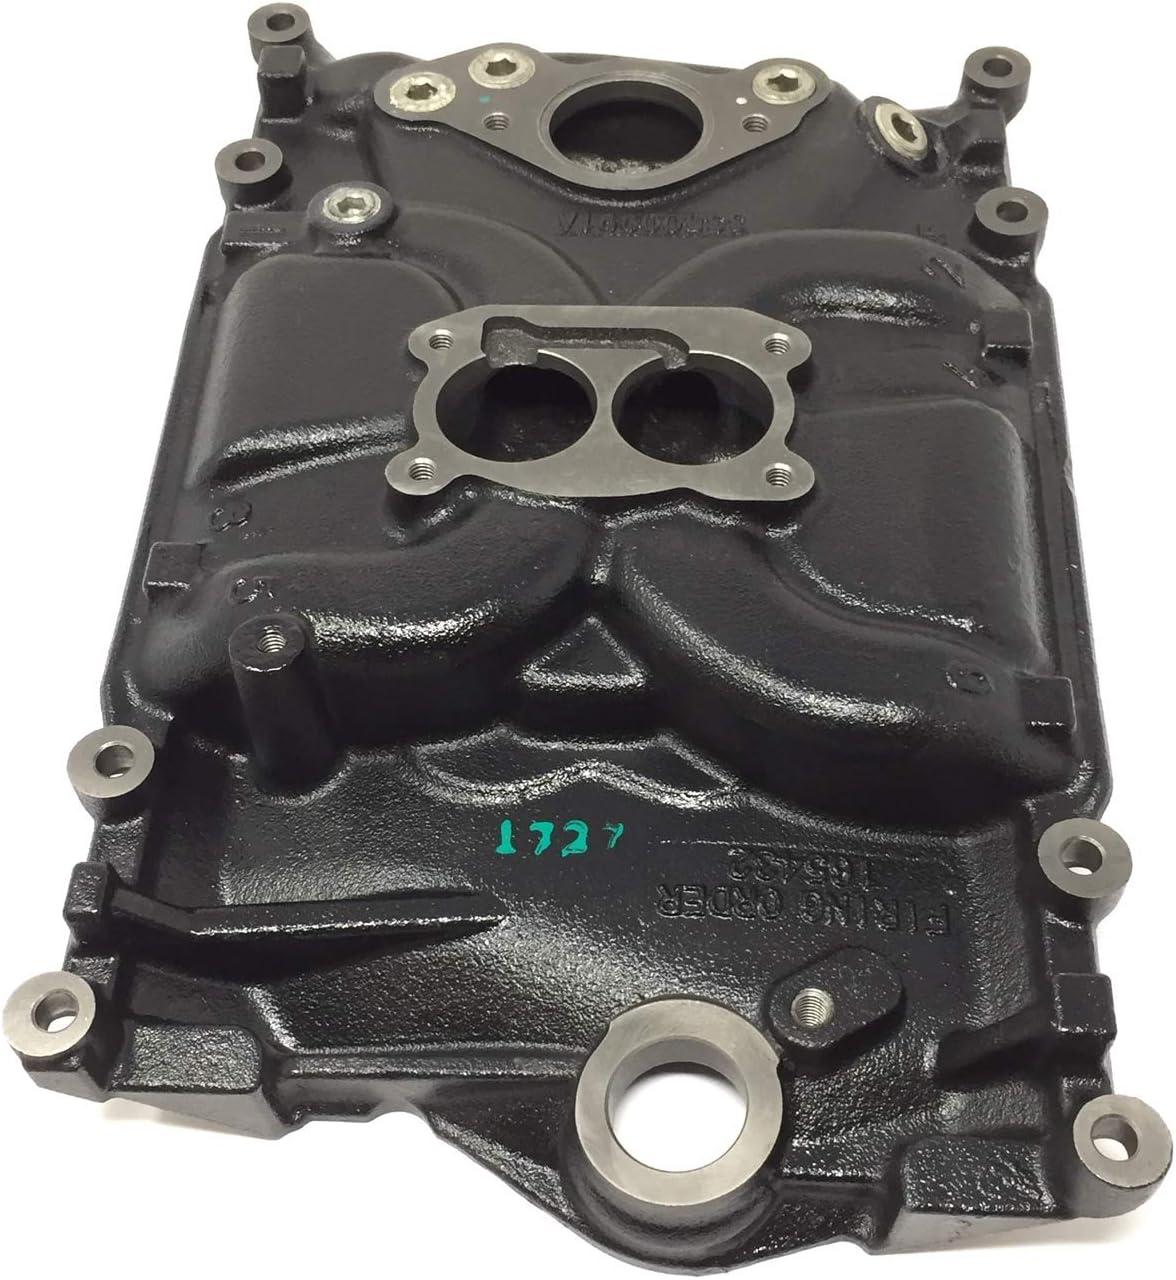 NEW MERCRUISER 4.3 INTAKE GASKET SET 27-824326 SS 27-8M0149028